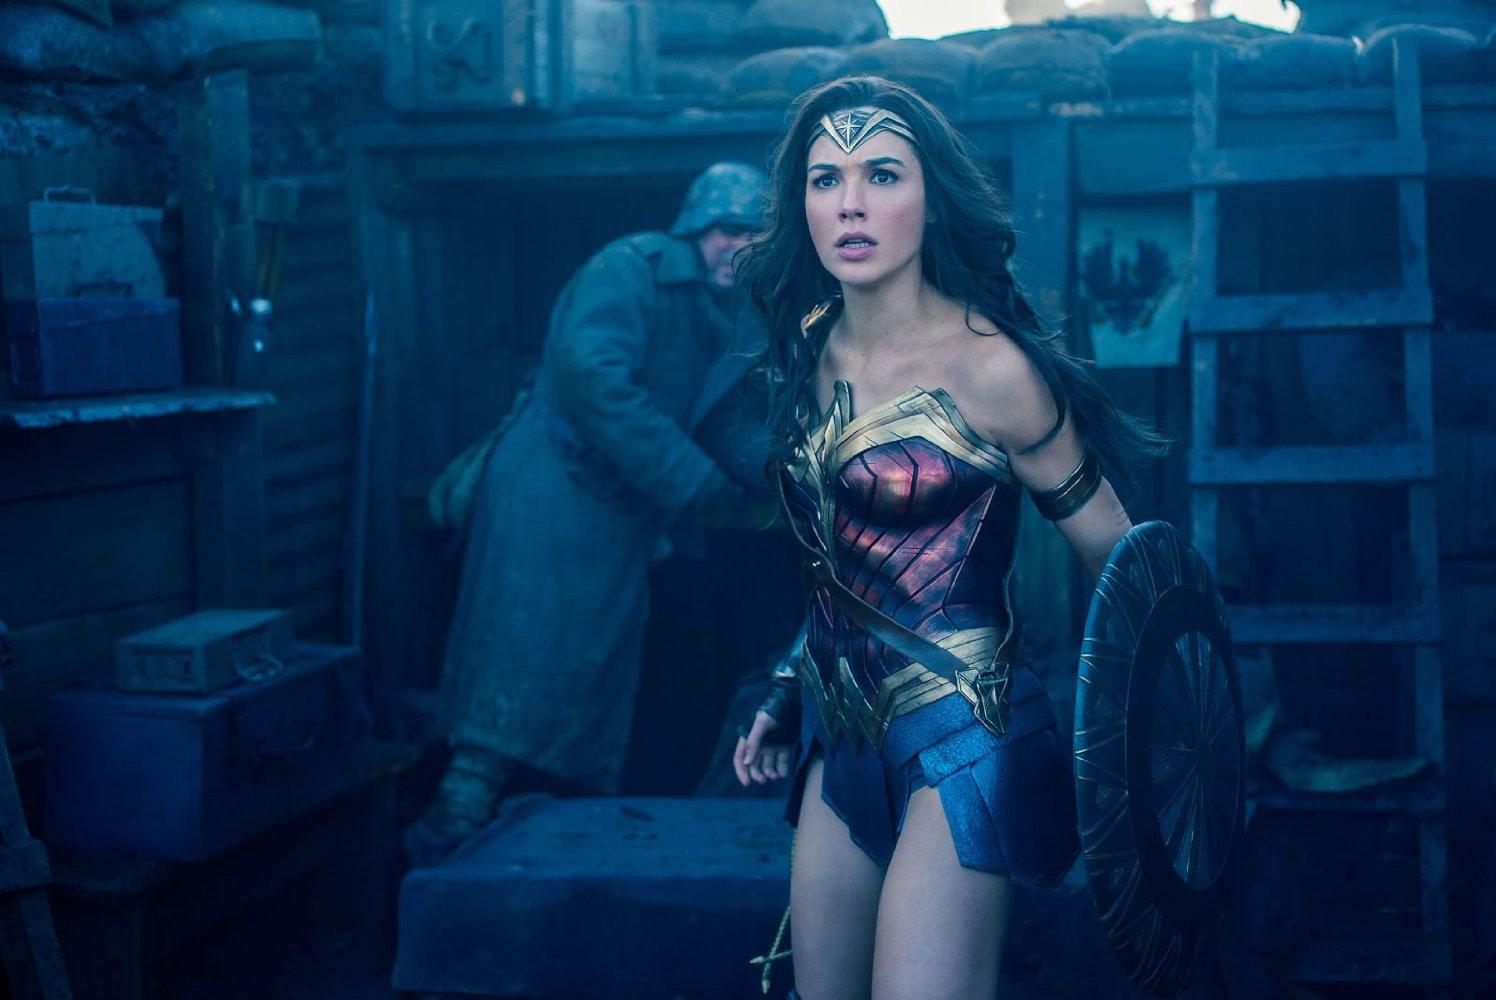 El tráiler final de 'Wonder Woman' es justo lo que esperabas